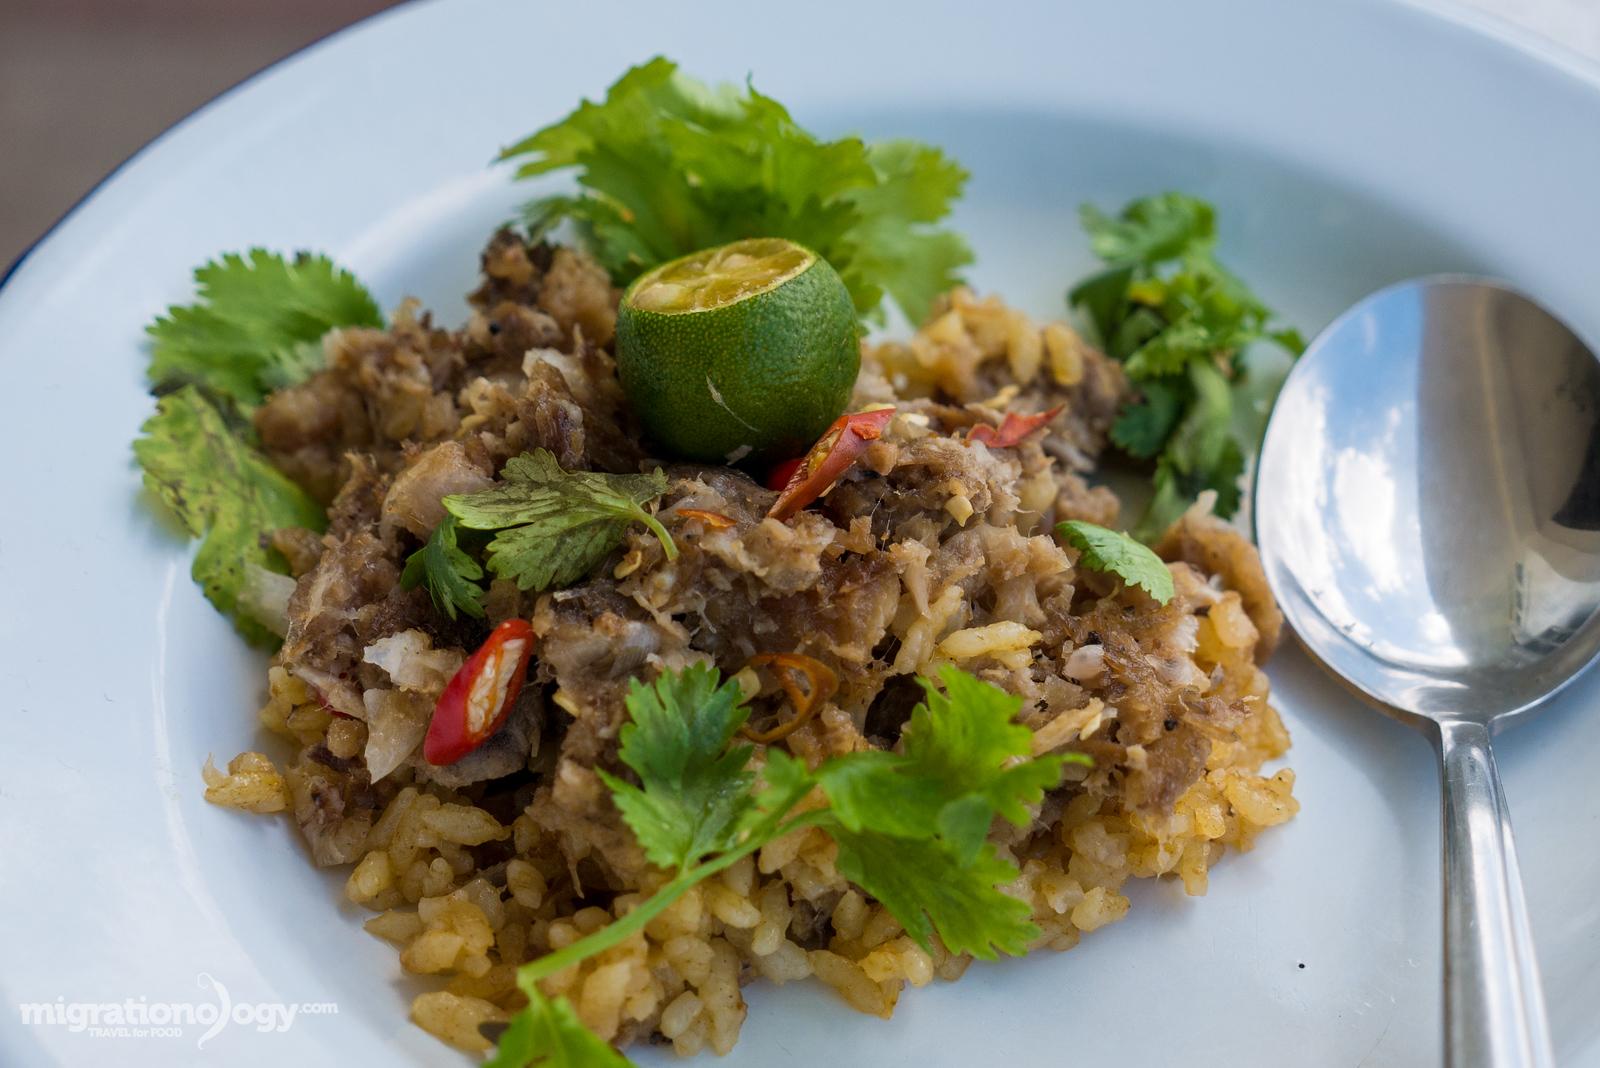 Filipino modern food